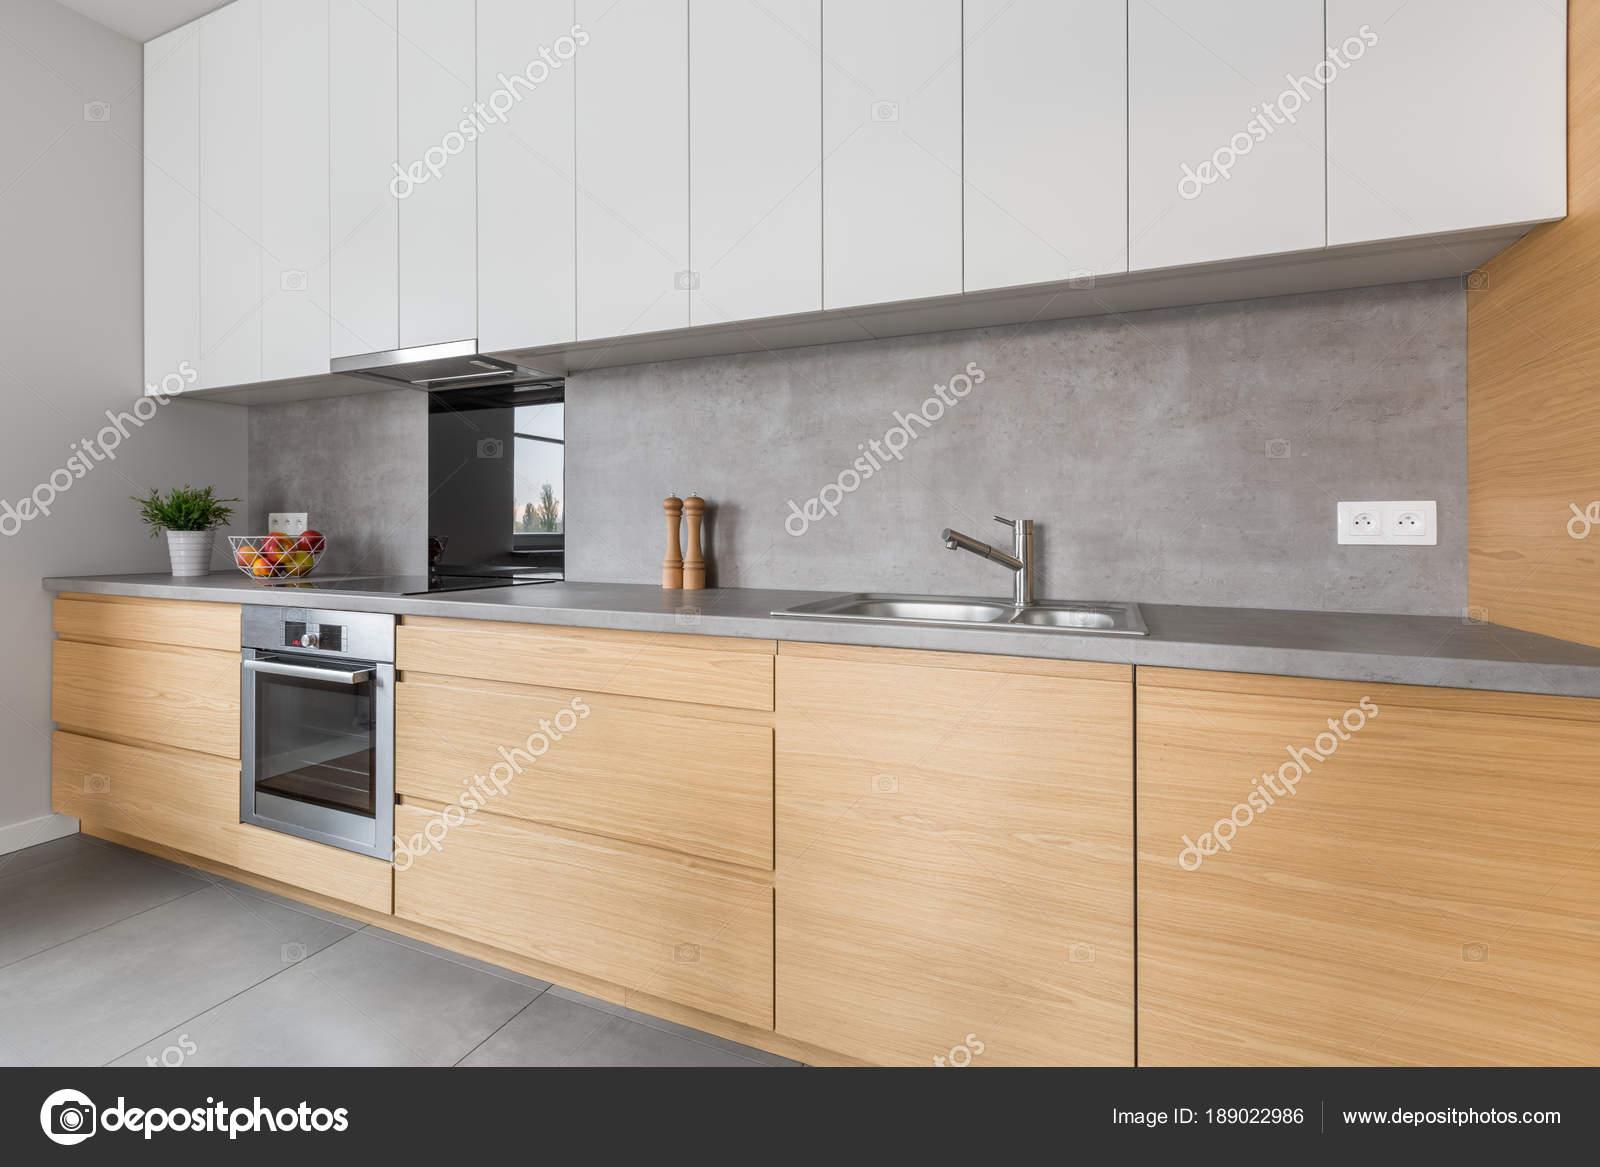 Küche mit Beton Arbeitsplatte — Stockfoto © in4mal #189022986